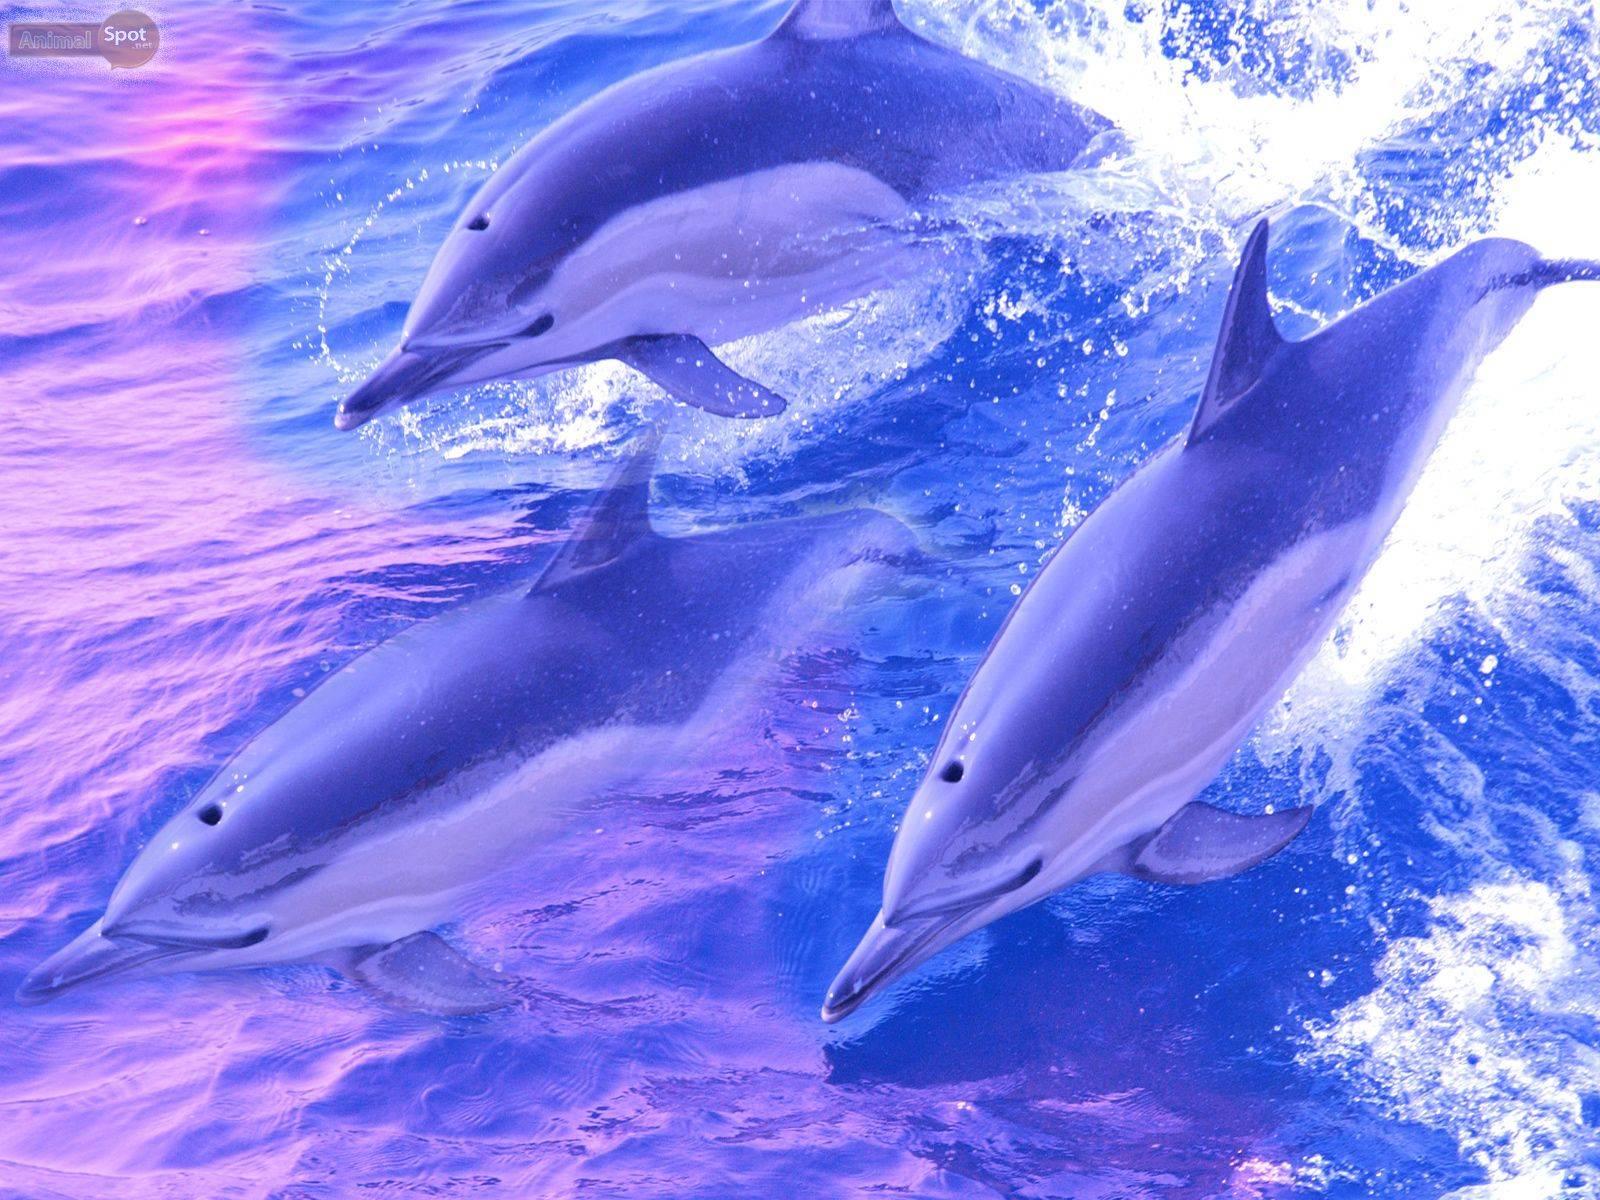 К чему снятся дельфины - значение сна дельфин по соннику